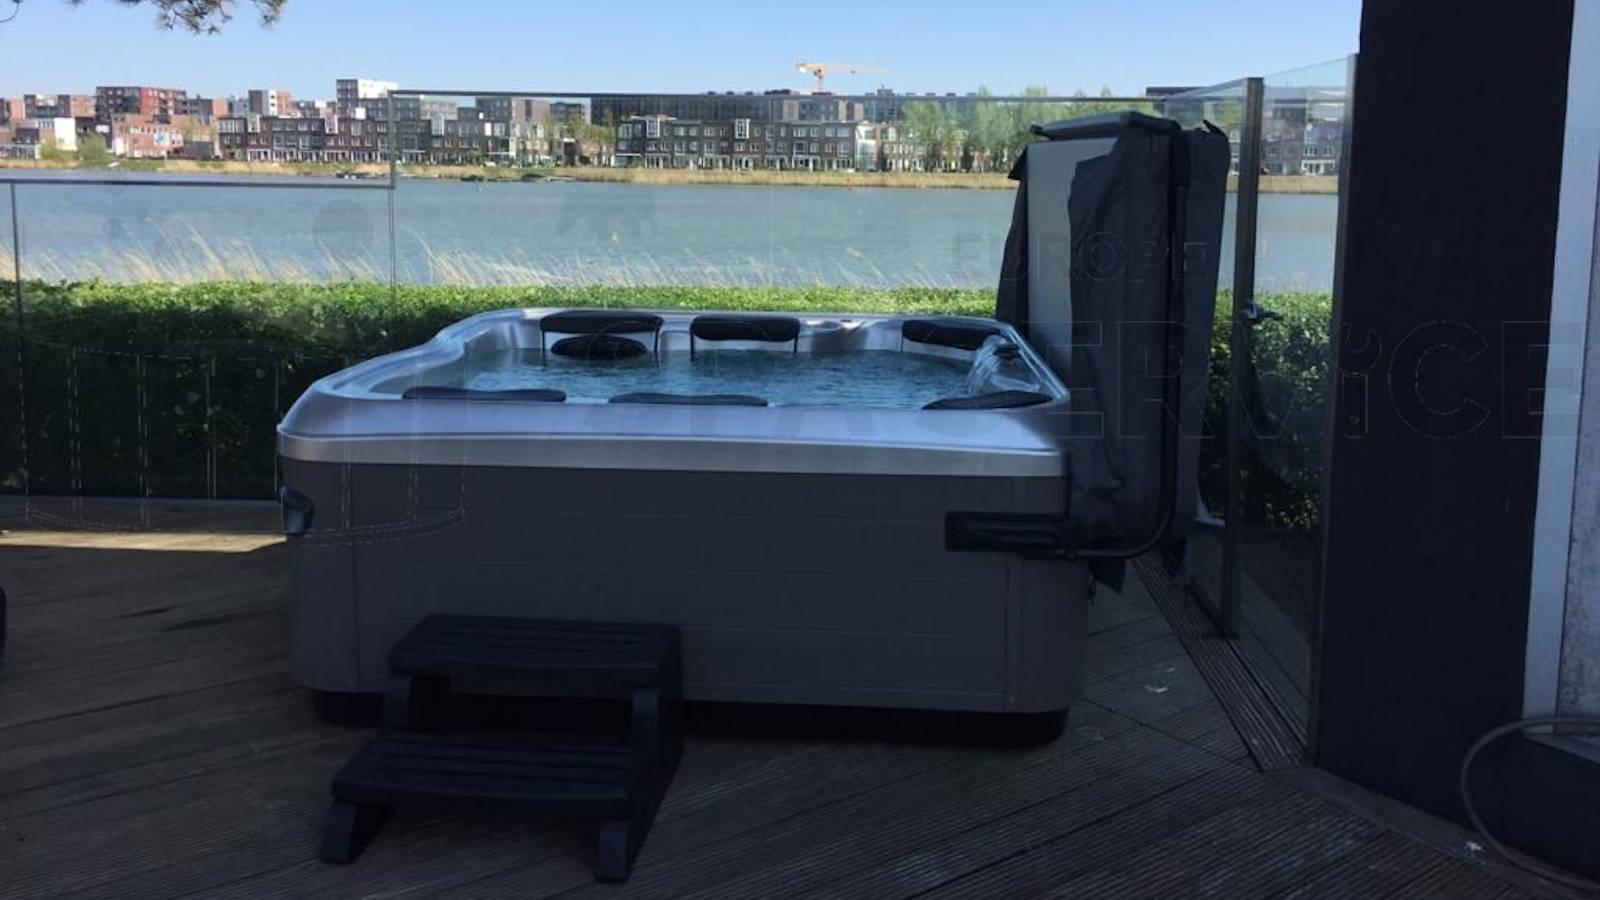 Plaatsing van een Villeroy & Boch A7L spa in Amsterdam